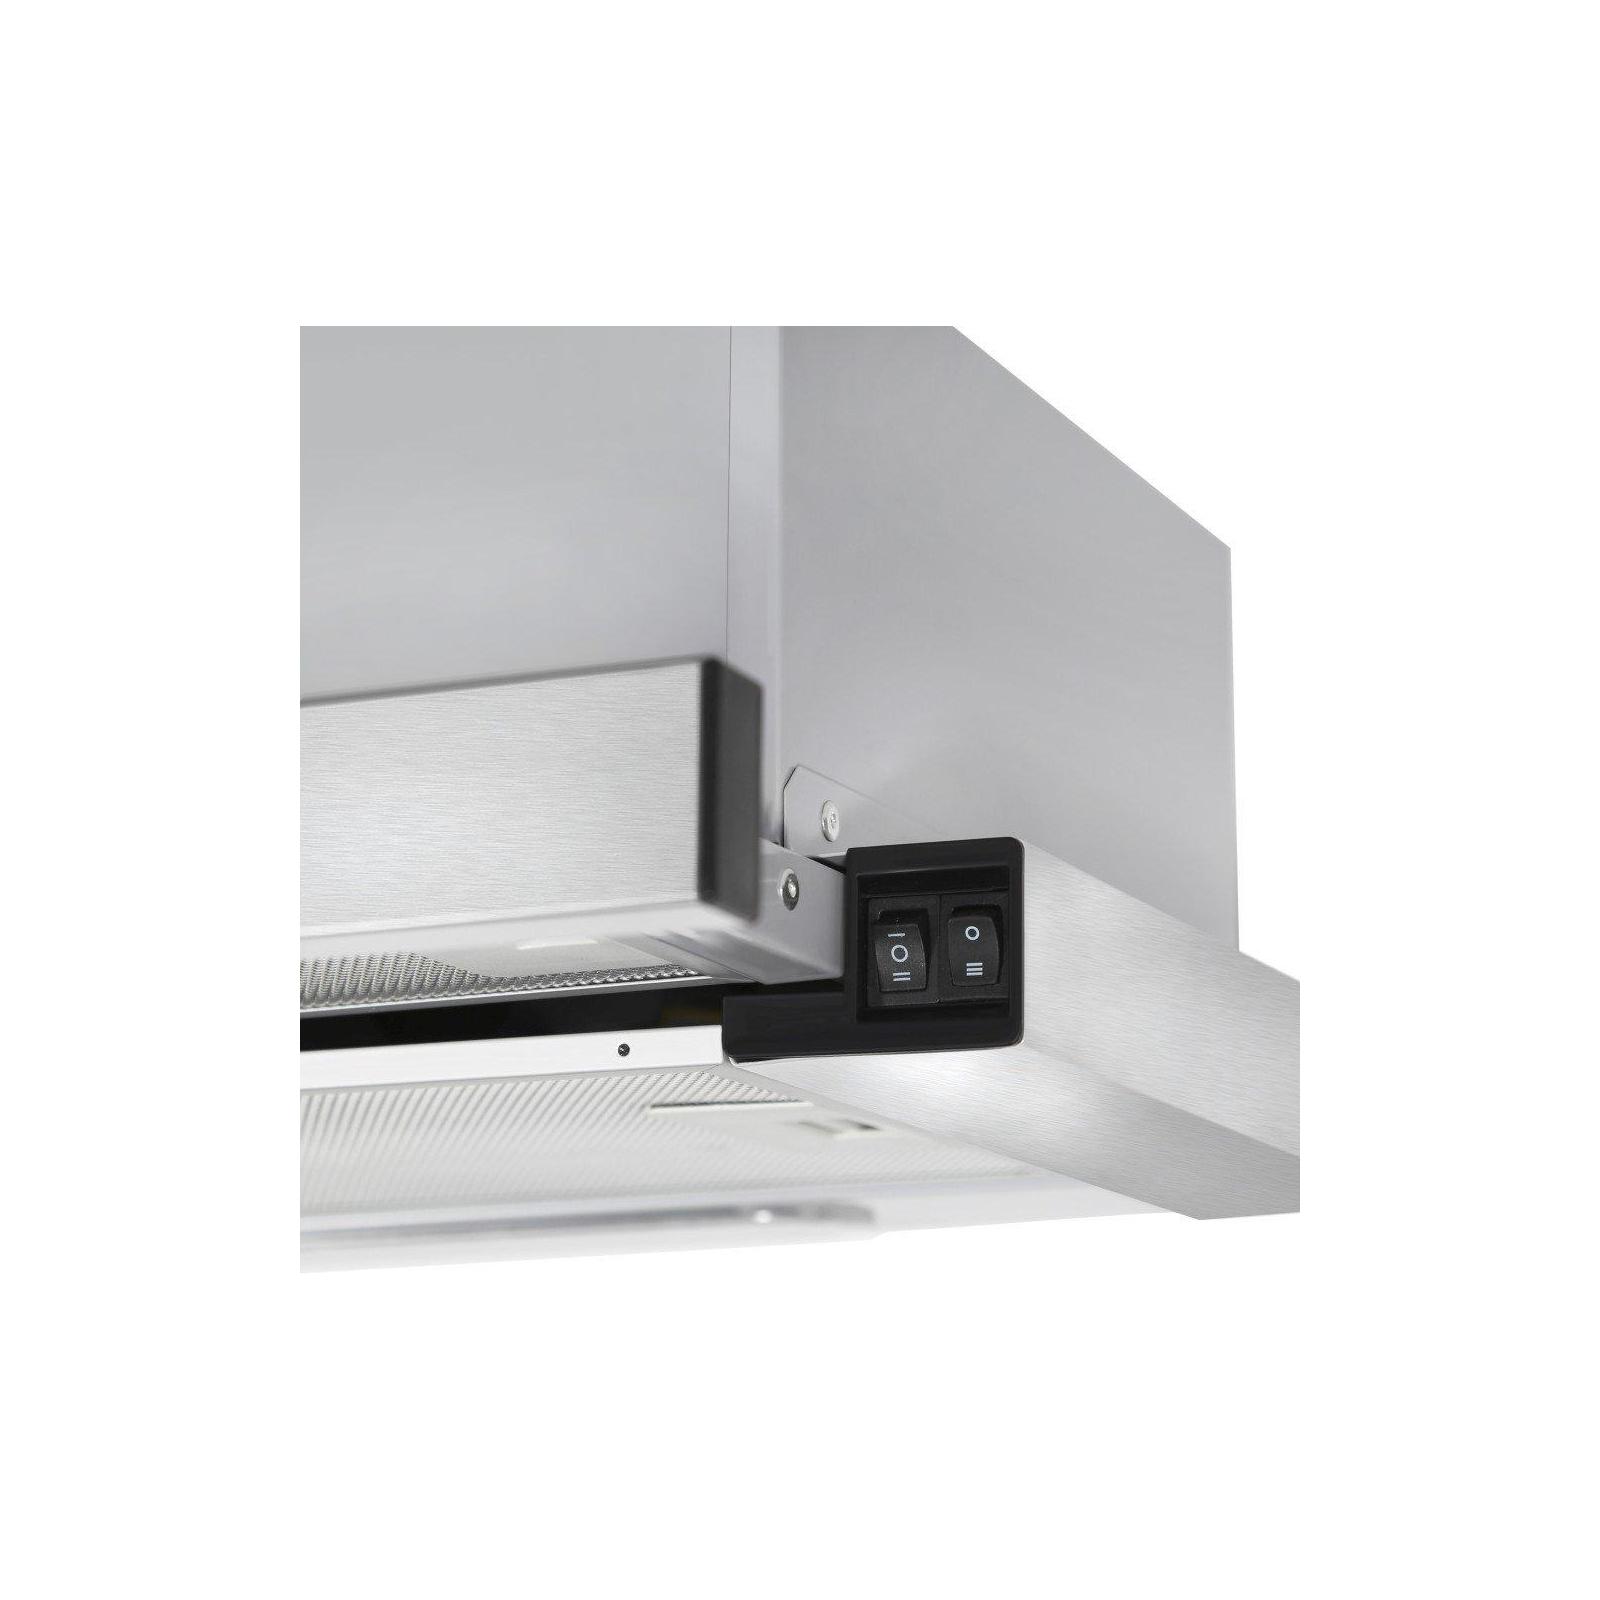 Вытяжка кухонная MINOLA HTL 5010 FULL INOX 430 изображение 4